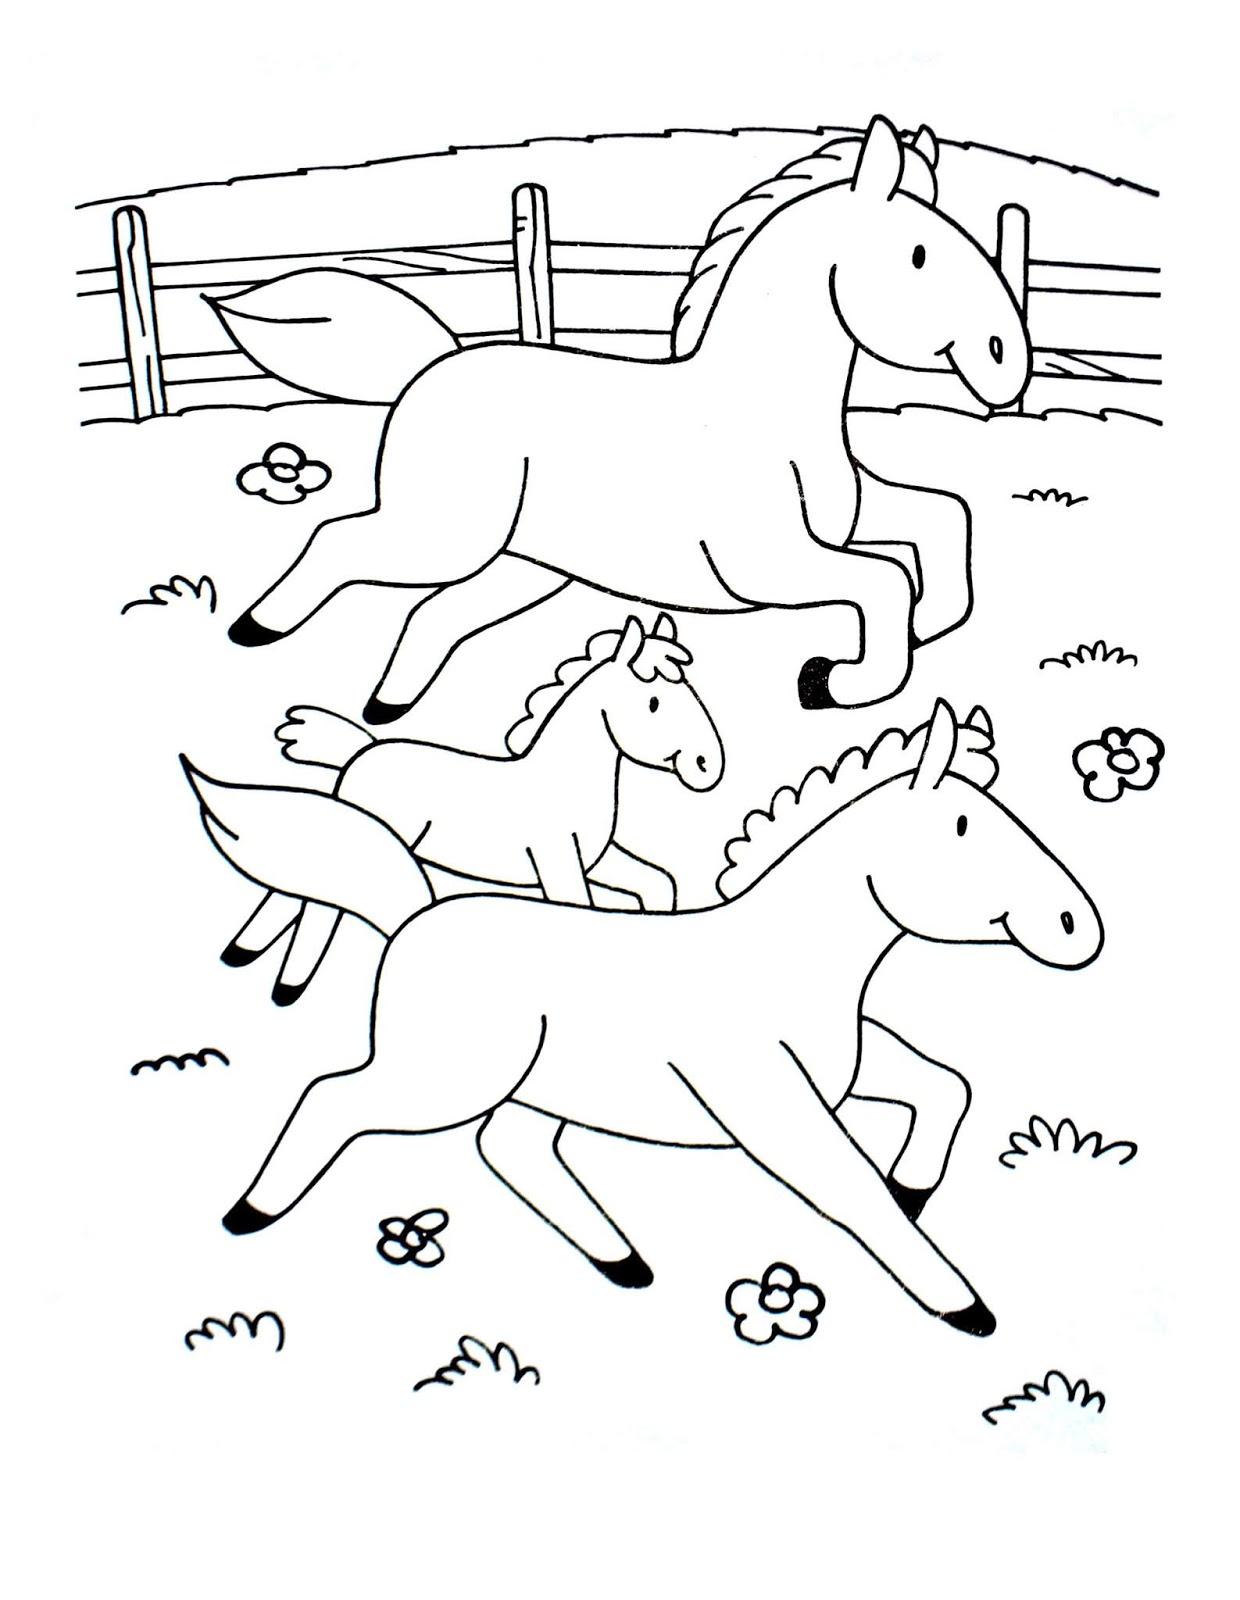 Tranh tô màu ba chú ngựa vẽ đơn giản